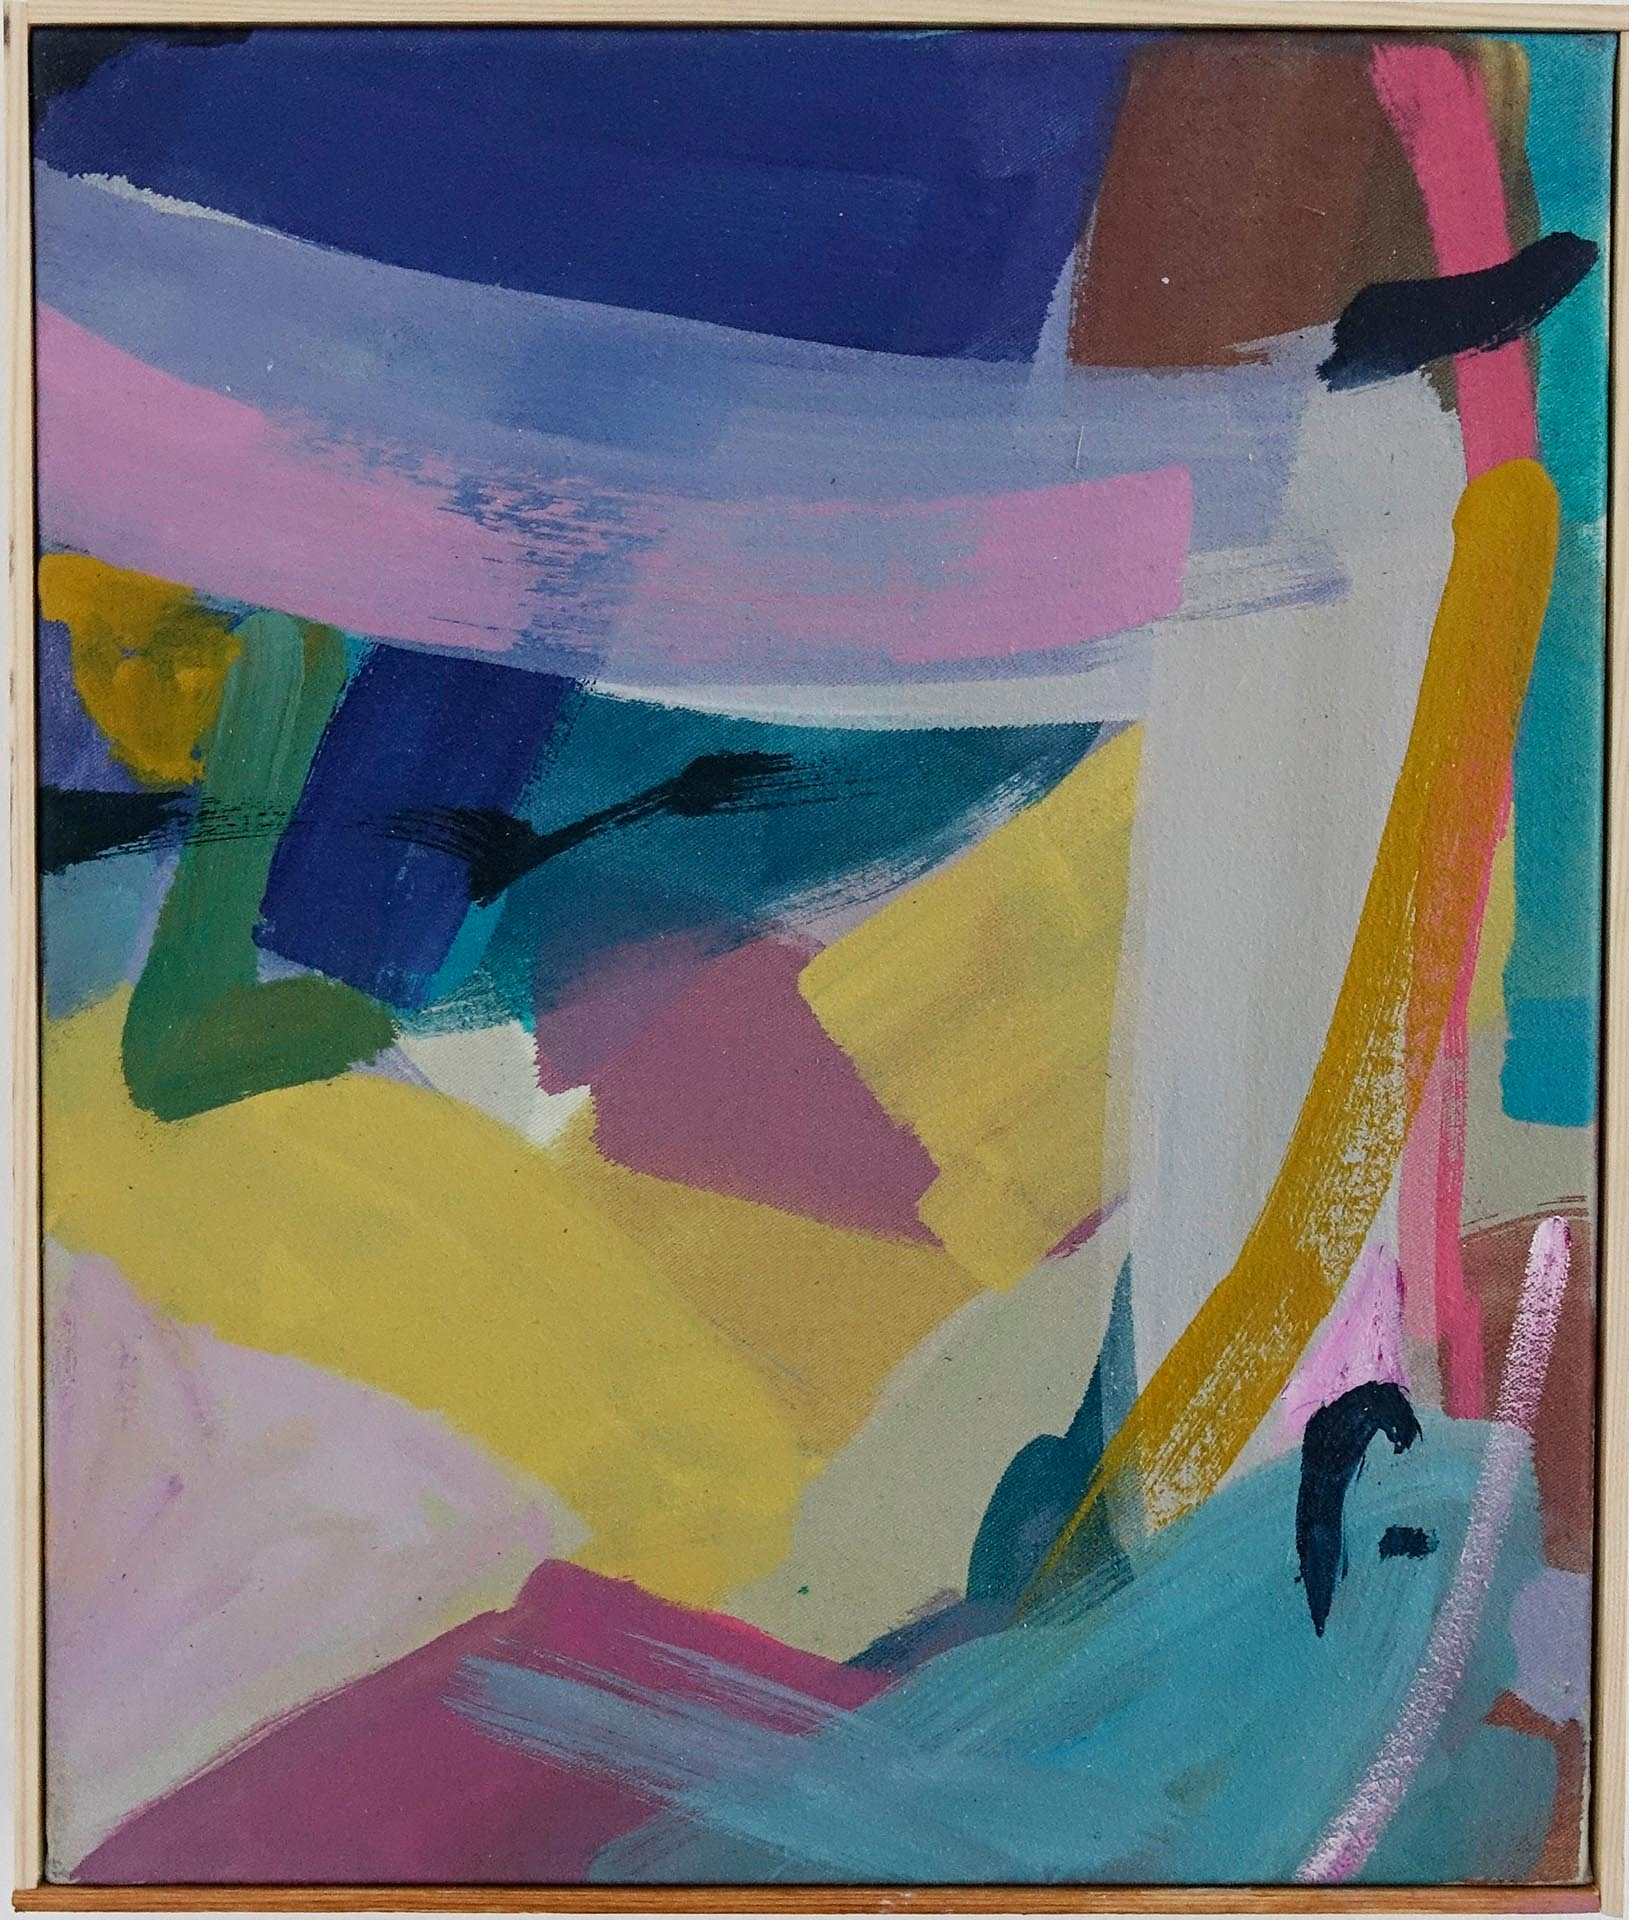 Violetta Ehnsperg | Immer fröhlich weiter | 37 x 31,2 cm | Galerie3